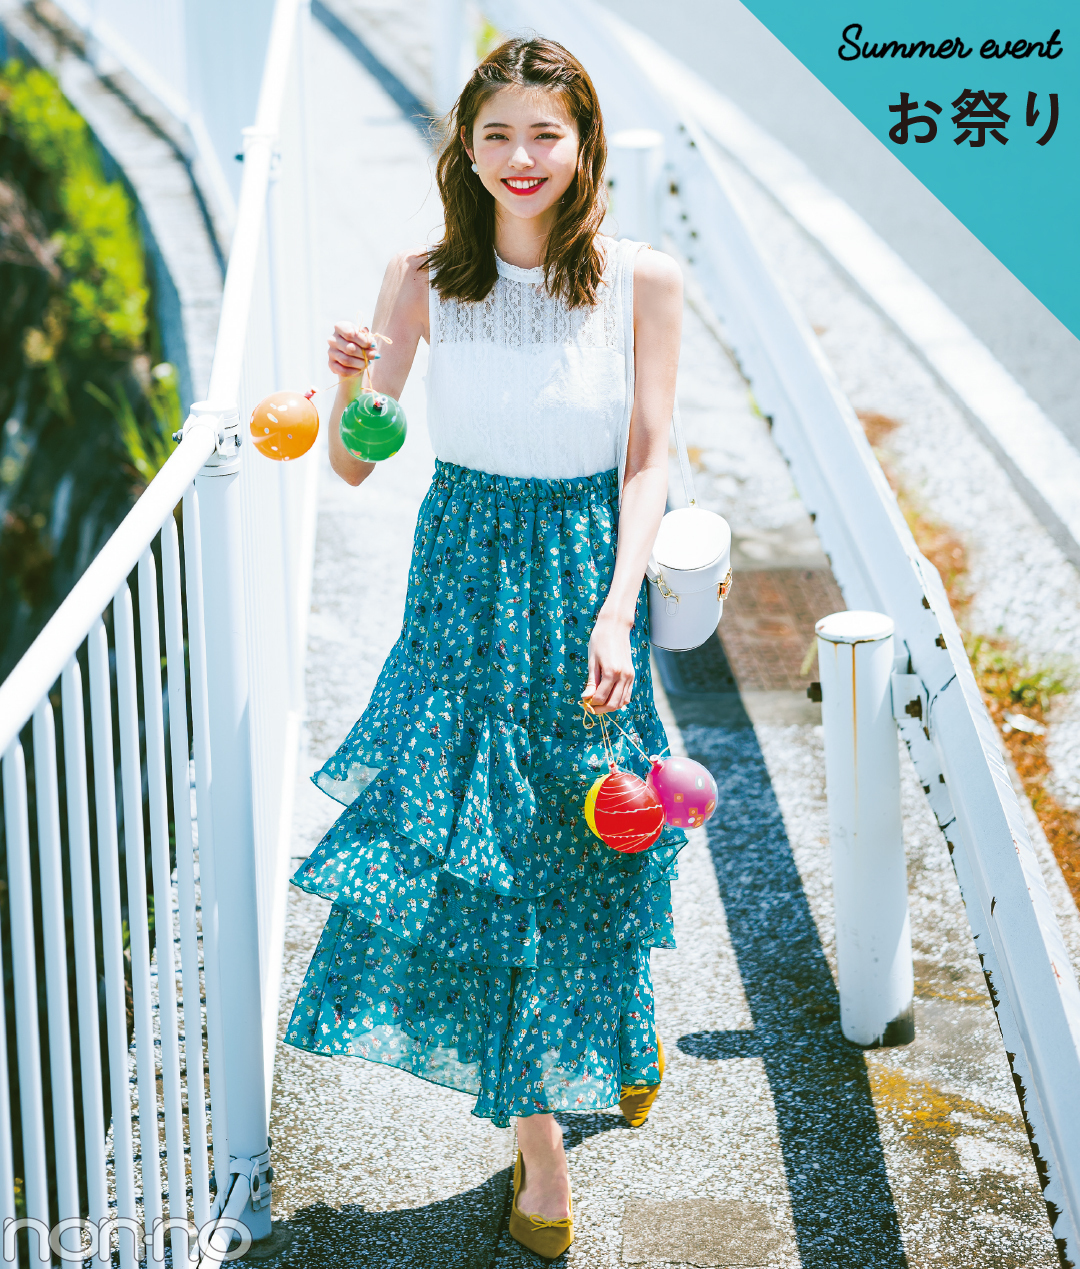 【夏のノースリーブコーデ】鈴木優華のお祭りコーデ!白レース×小花柄なら、ゆかたに負けない華やかさ